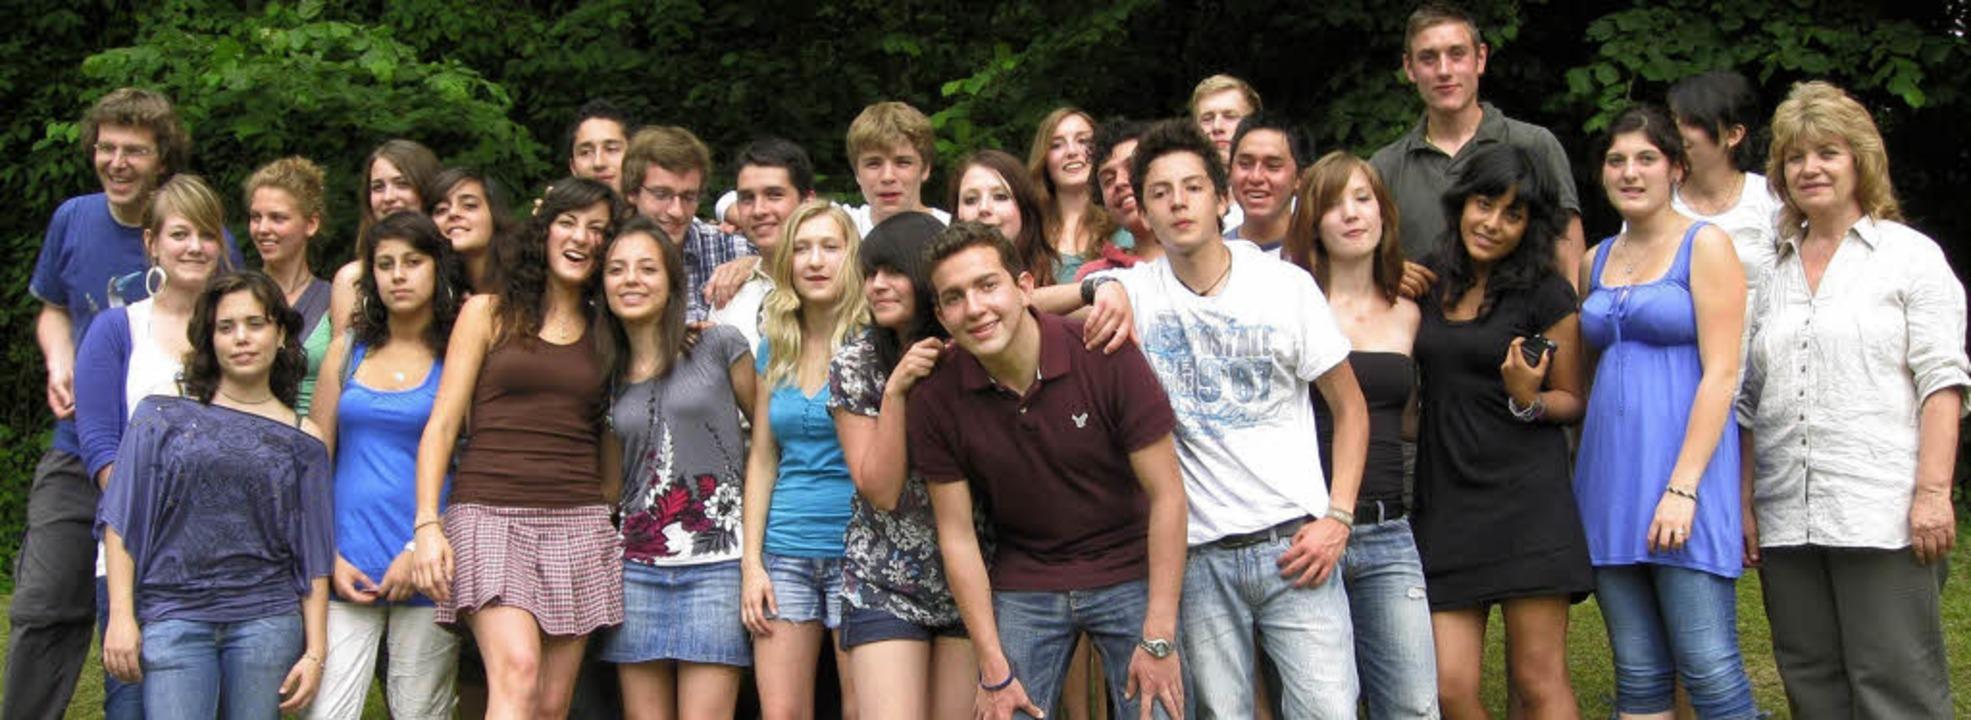 Die deutschen Schülerinnen und Schüler mit ihren Gästen aus Südamerika   | Foto: Privat